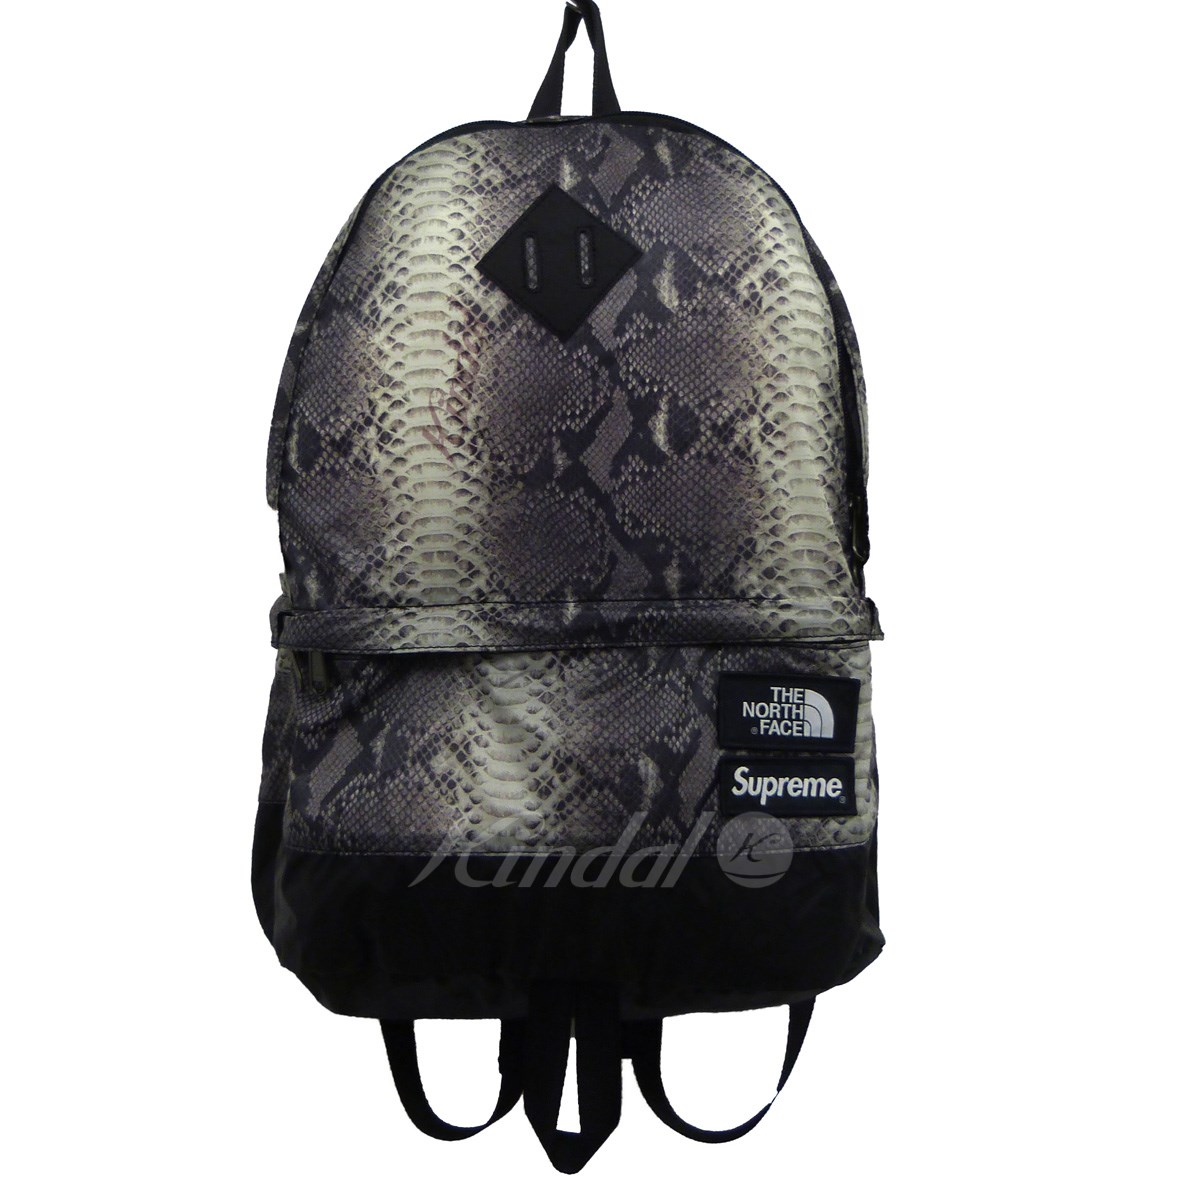 【中古】Supreme x THE NORTH FACE 18SS「Snakeskin Lightweight Day Pack」バックパック ブラック サイズ:- 【送料無料】 【210618】(シュプリーム ノースフェイス)